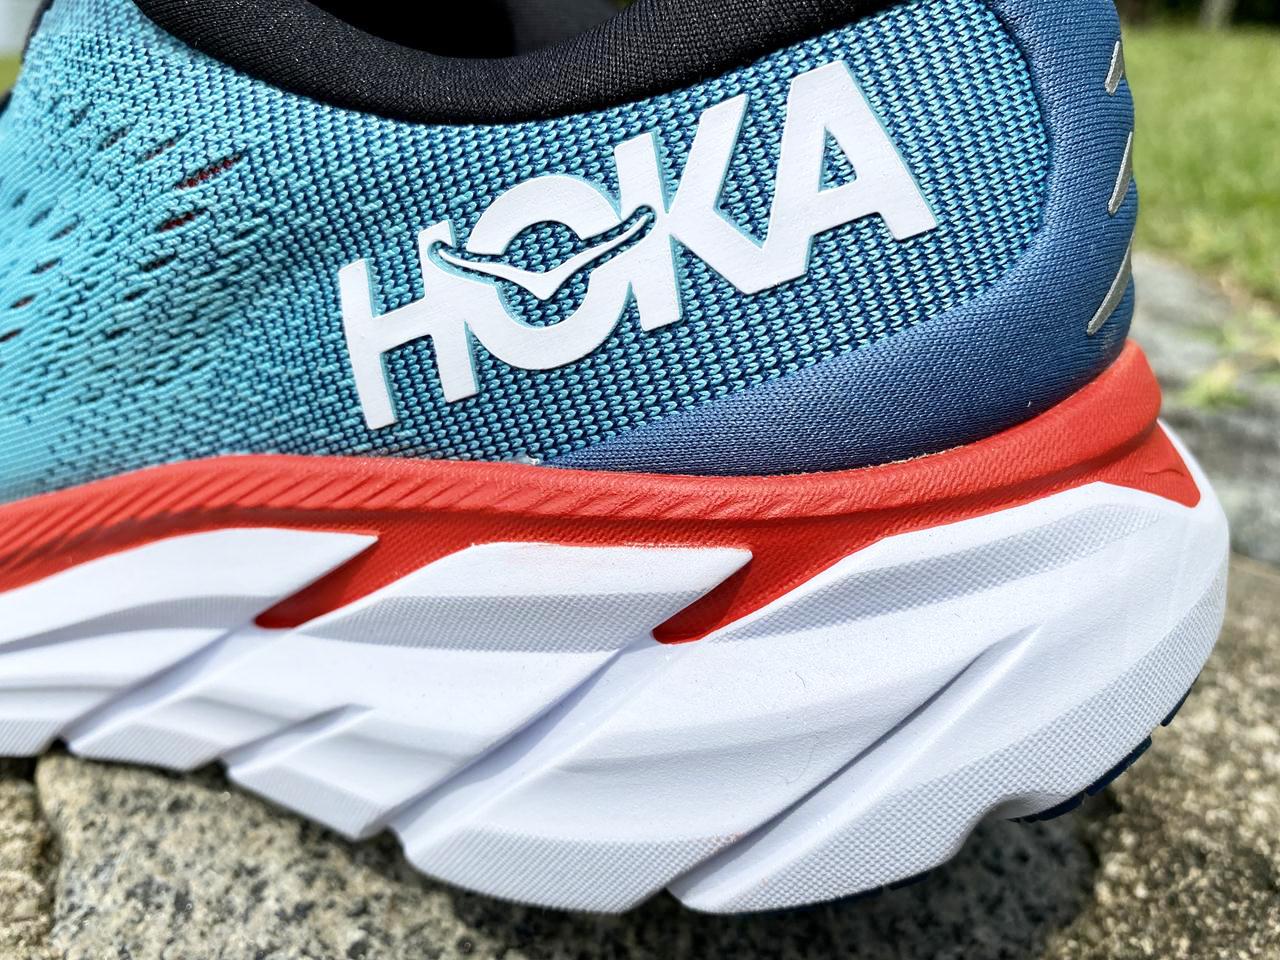 Hoka One One Clifton 8 - Heel Closeup